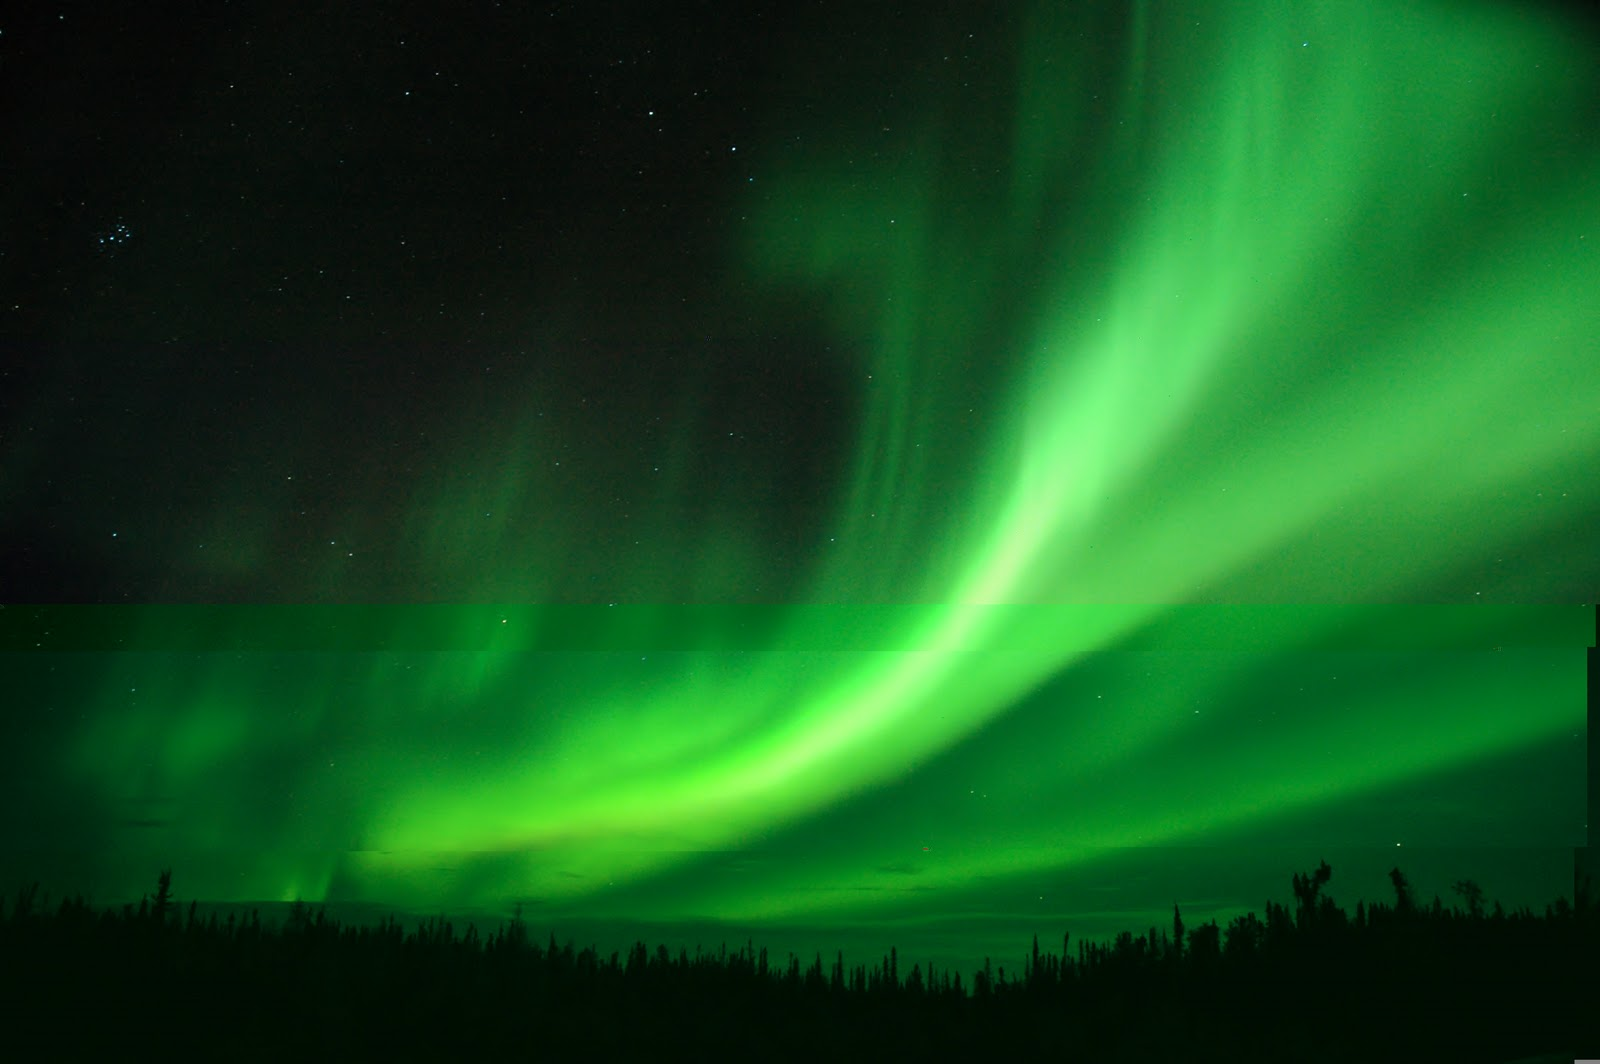 http://1.bp.blogspot.com/_jhf-7wU76qc/TF2Rmzla3lI/AAAAAAAABRU/5KHG0V6IQIw/s1600/aurora-4.jpg